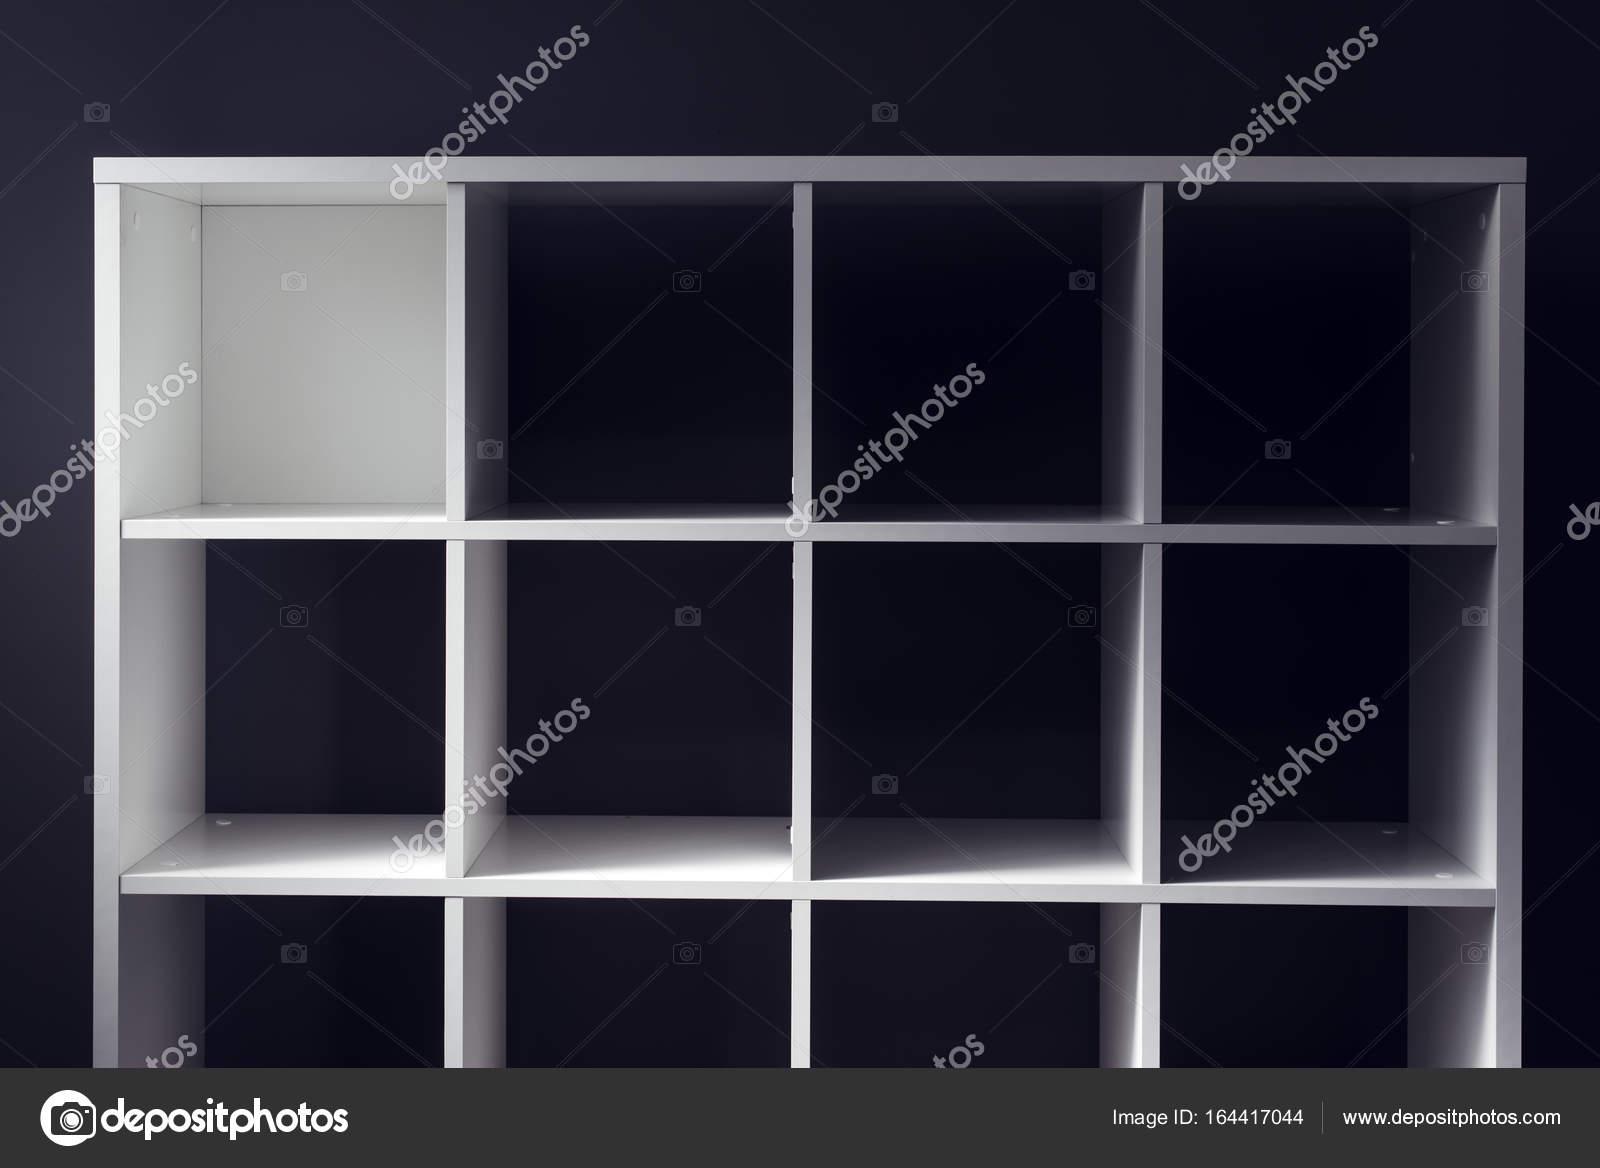 https://st3.depositphotos.com/1006472/16441/i/1600/depositphotos_164417044-stockafbeelding-lege-kantoor-of-boekenkast-bibliotheek.jpg